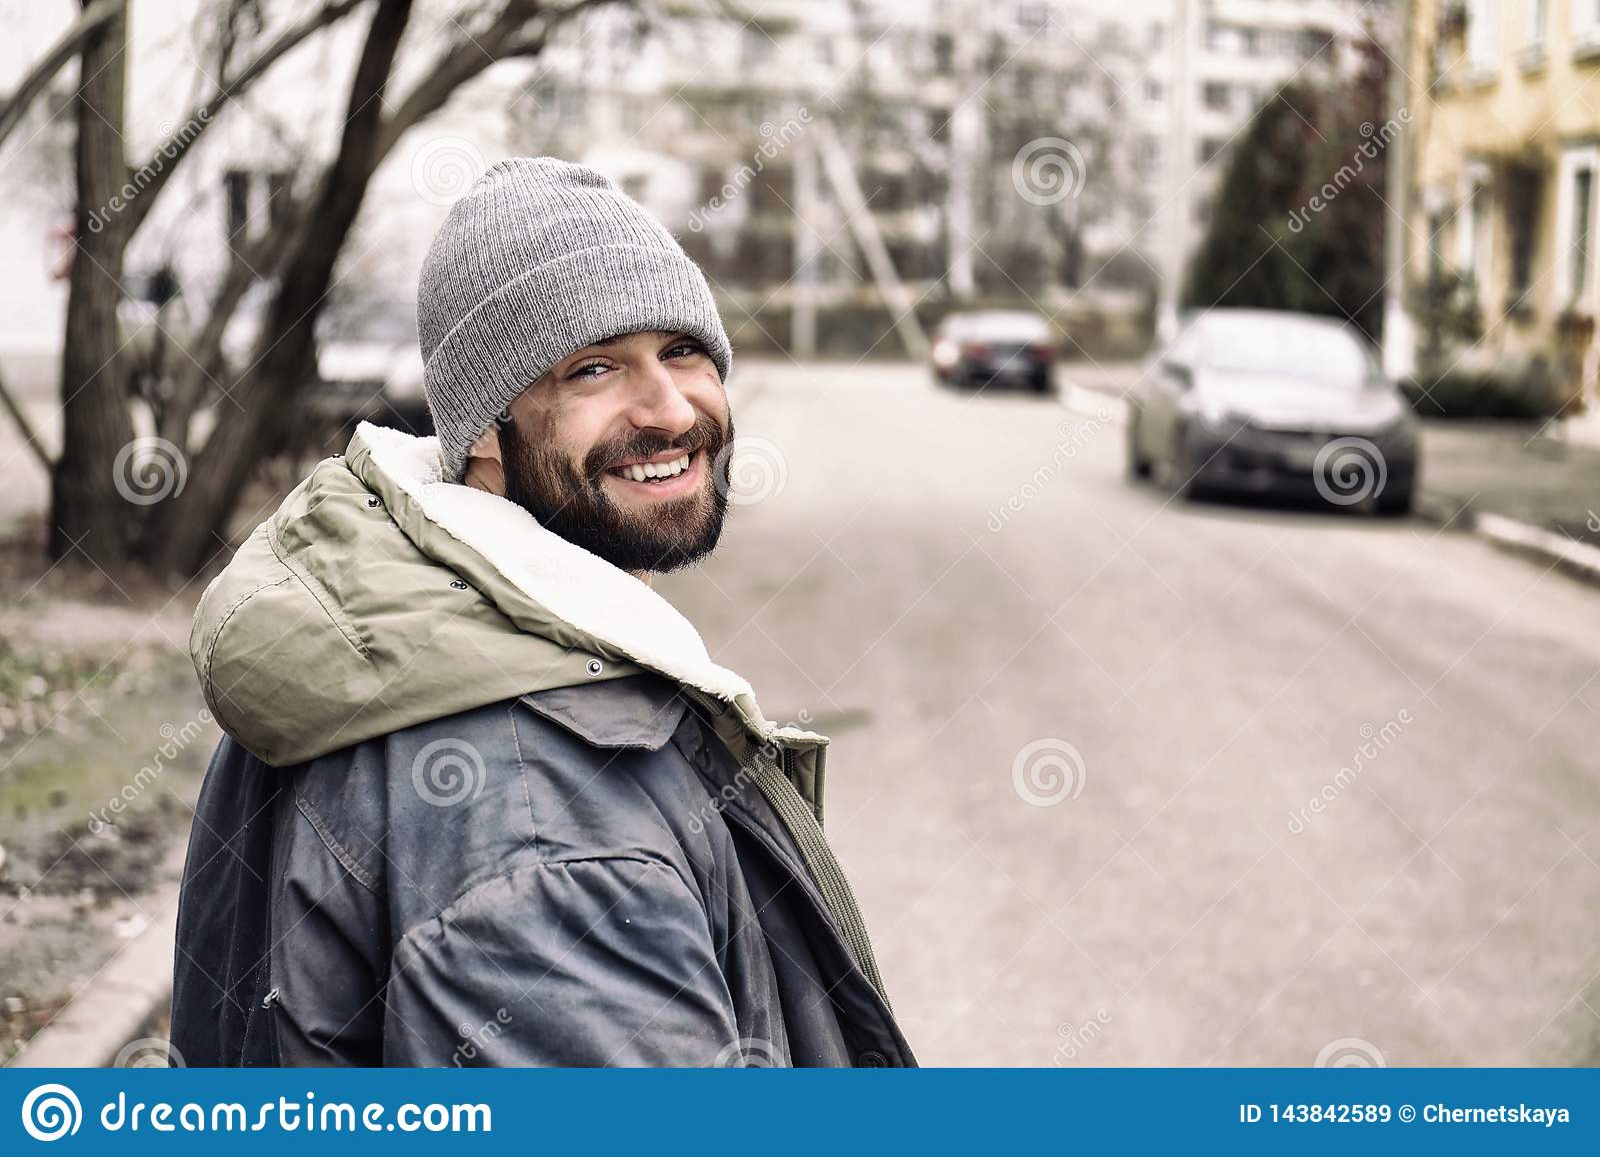 Плохое бездомное положение человека на улице